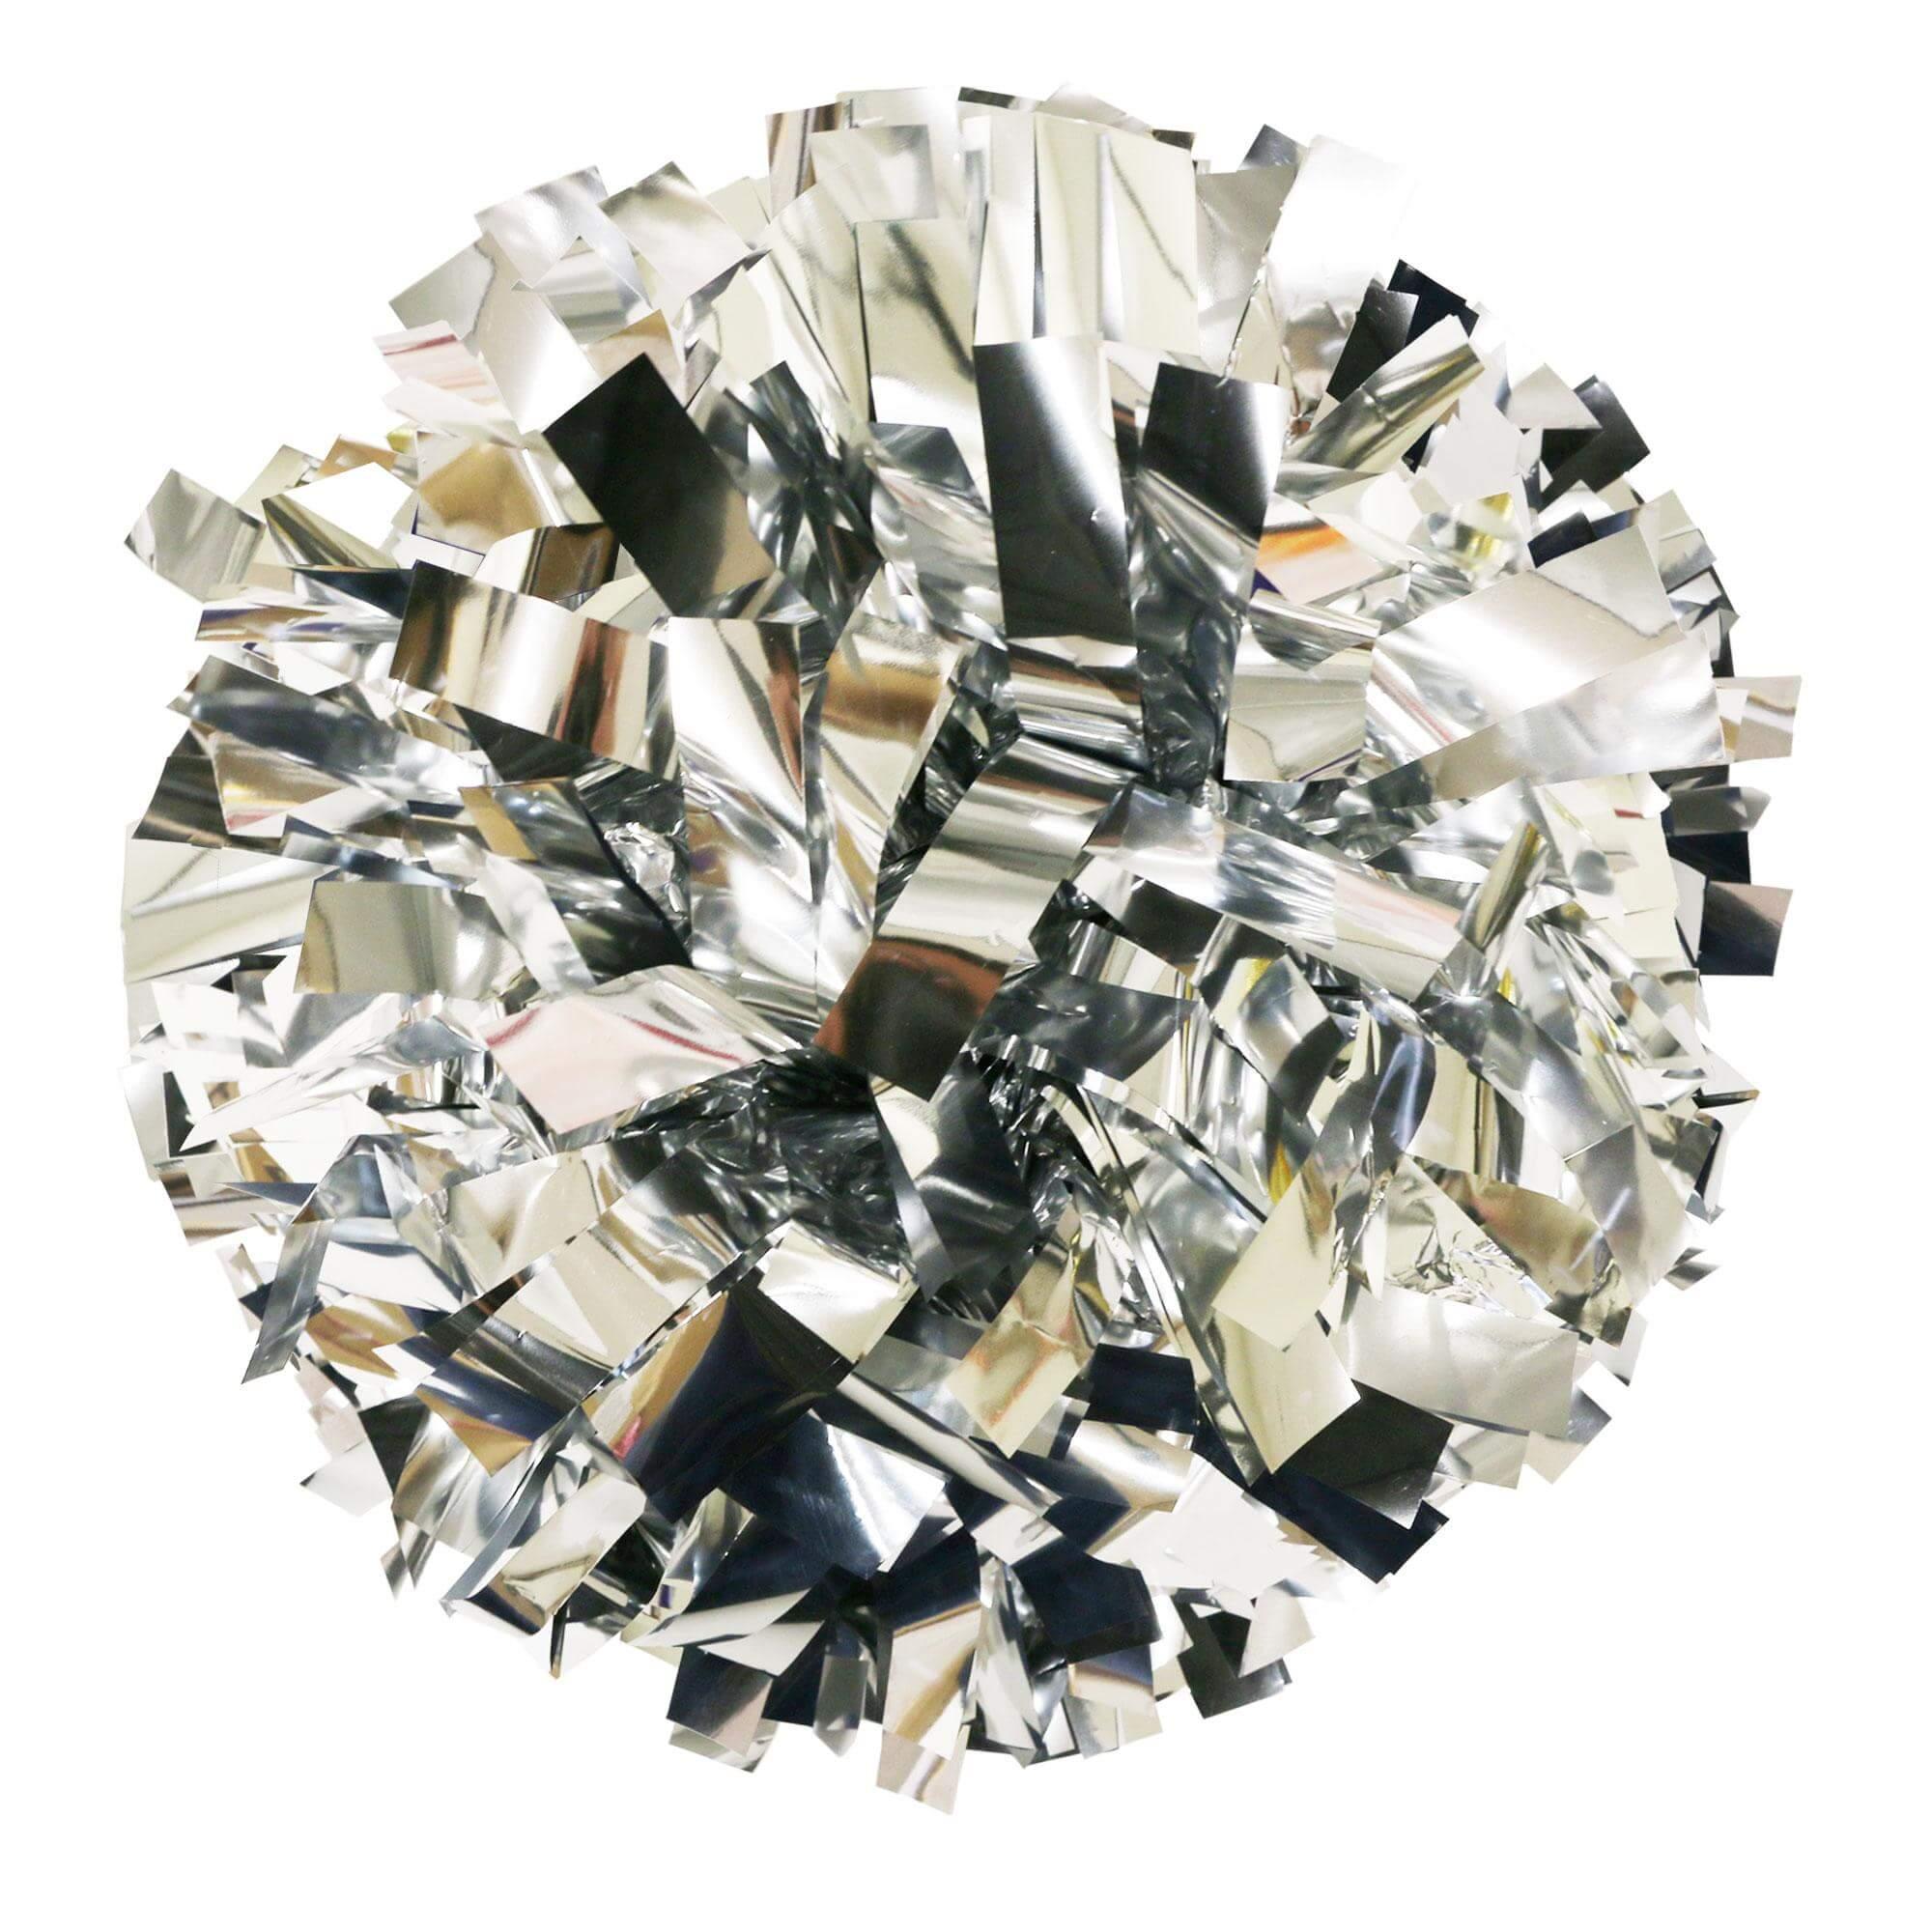 Danzcue Silver Metallic Poms